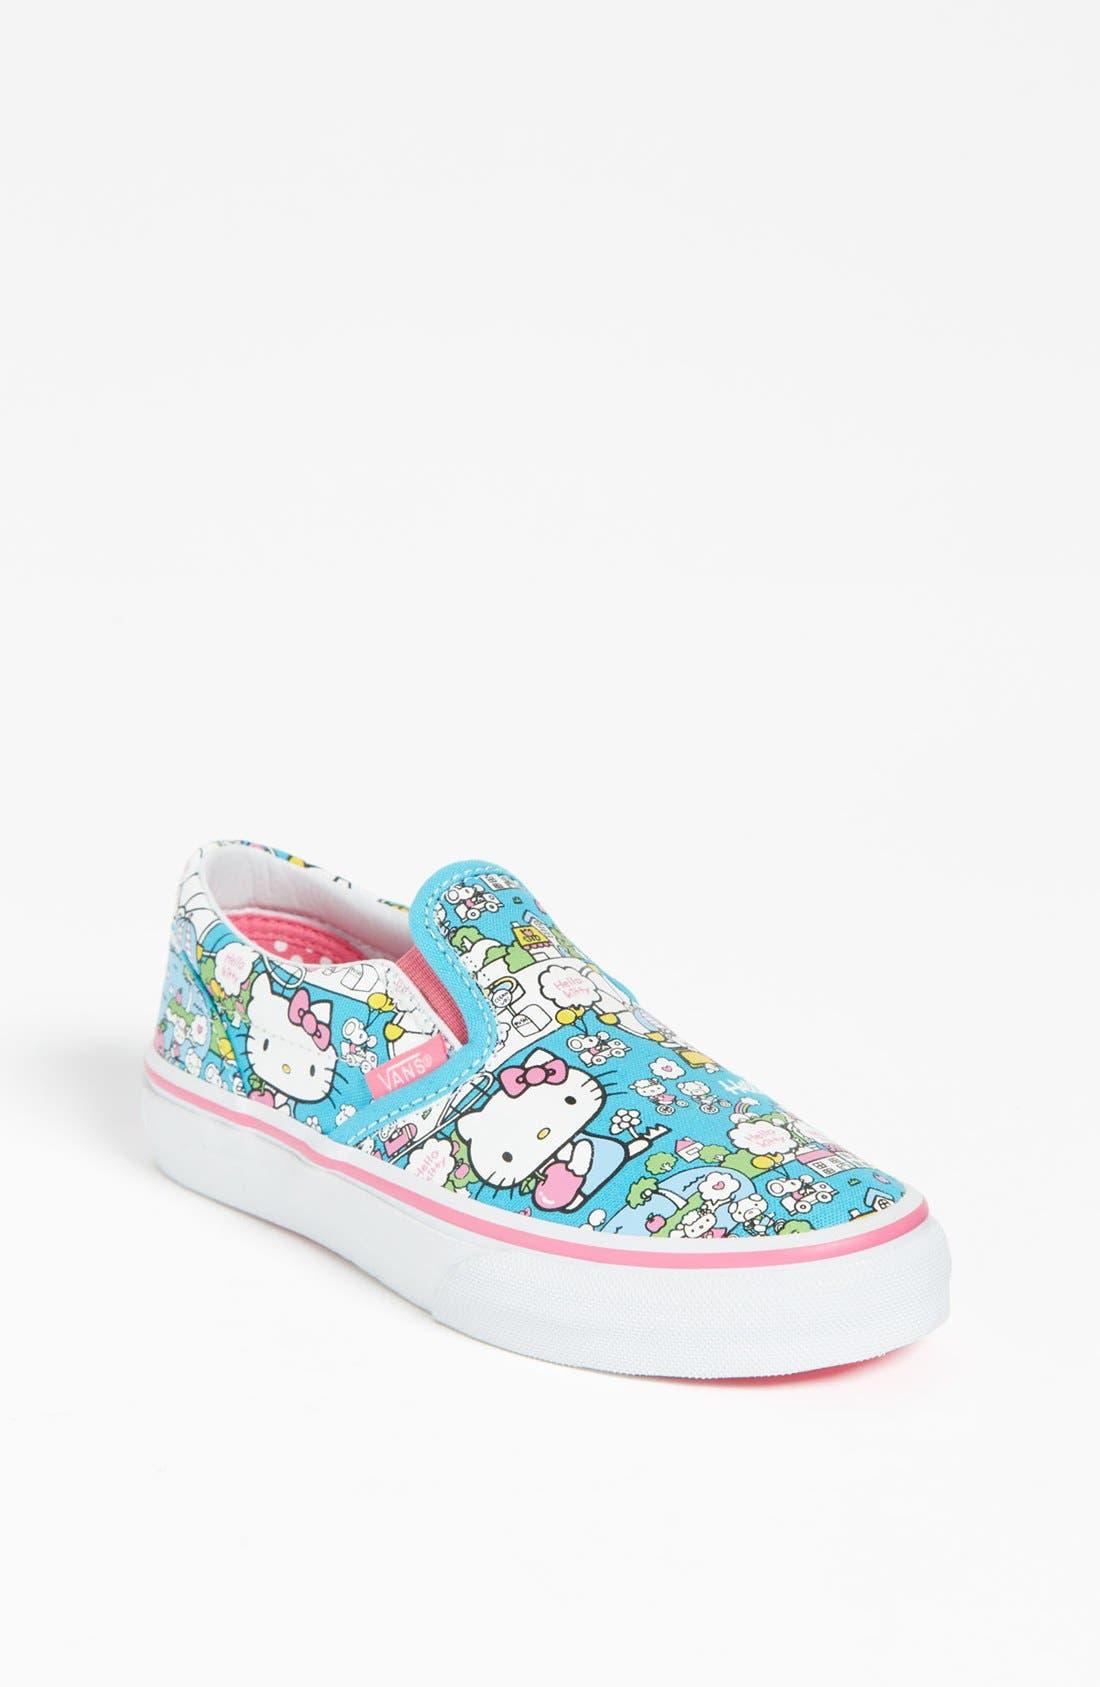 Alternate Image 1 Selected - Vans 'Hello Kitty®' Classic Slip-On (Toddler, Little Kid & Big Kid)